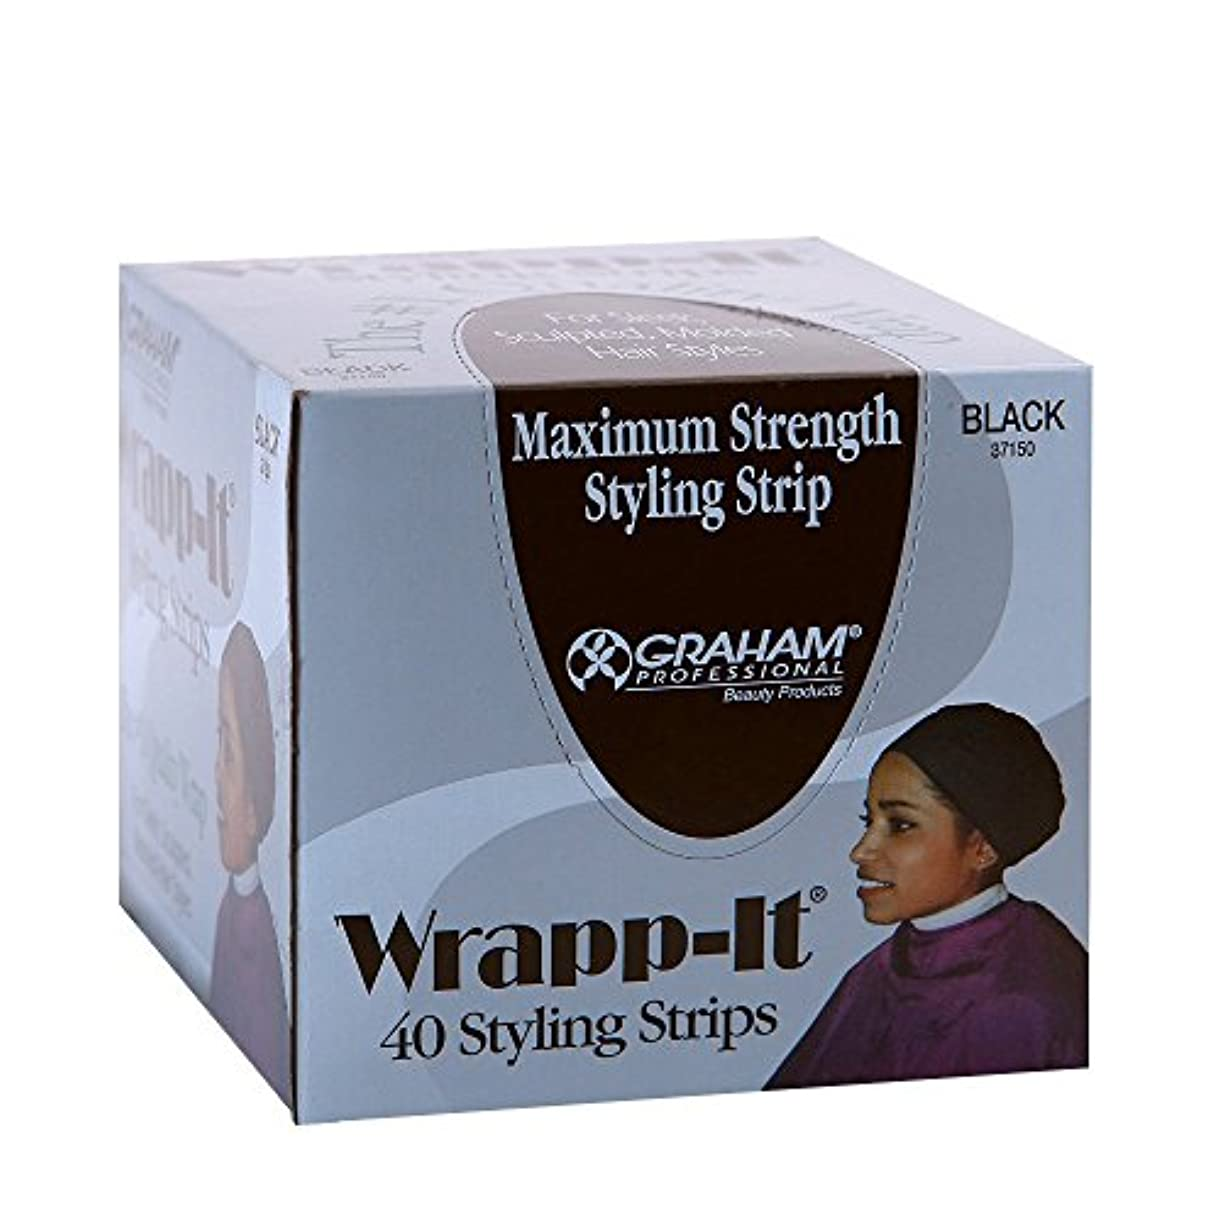 エージェントアカデミー難しいGraham Professional Beauty Wrapp、それブラックスタイリングストリップ